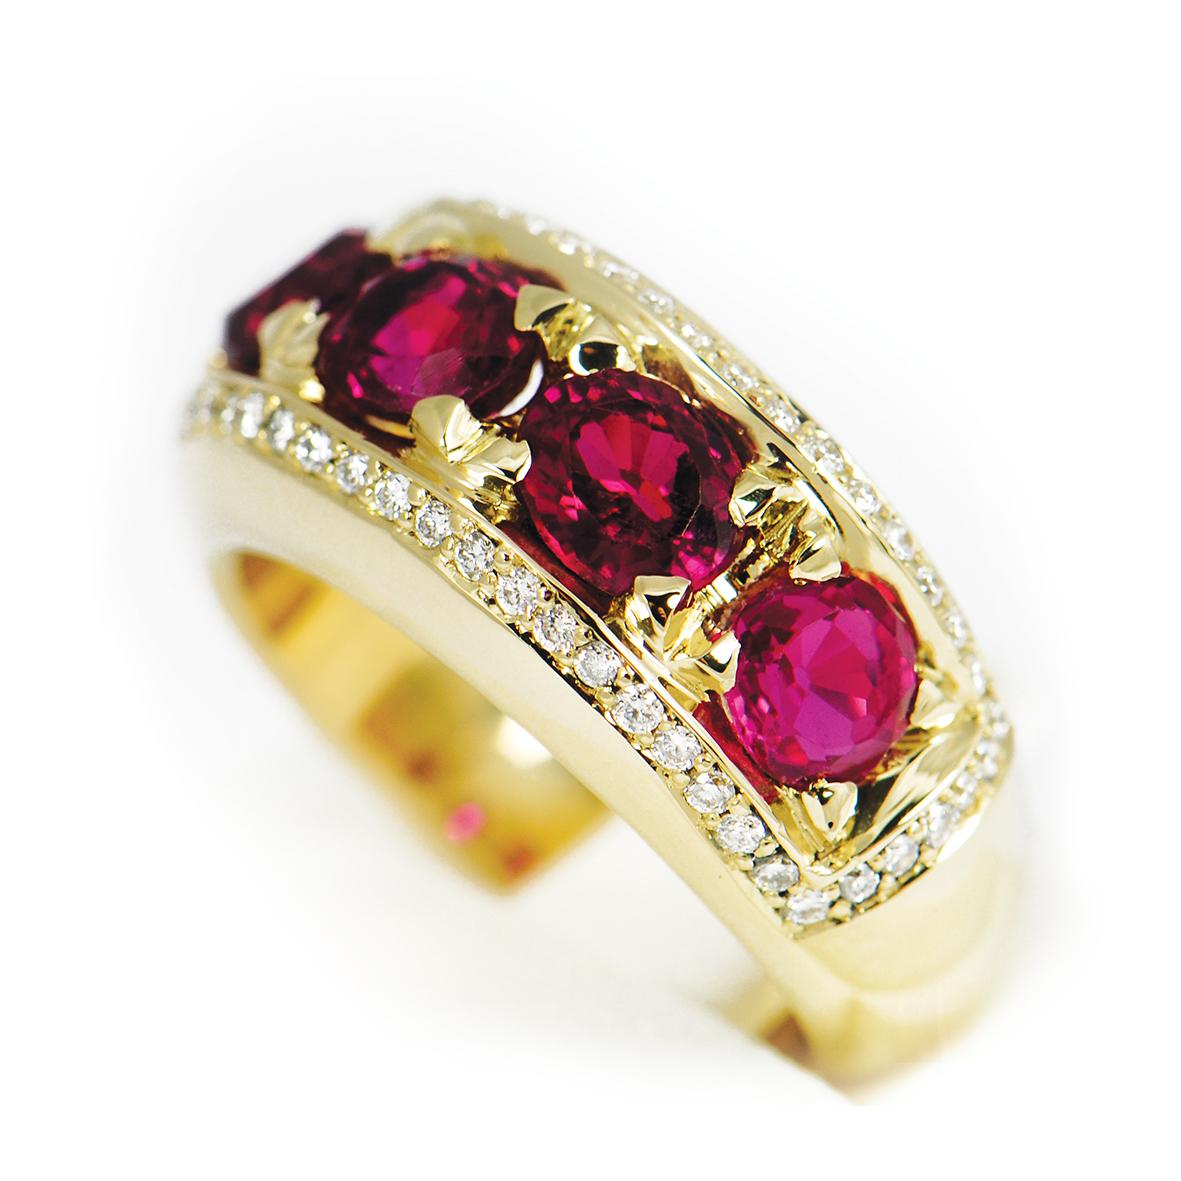 Pierścionek ze złota próby 750, wysadzany rubinami oraz brylantami.